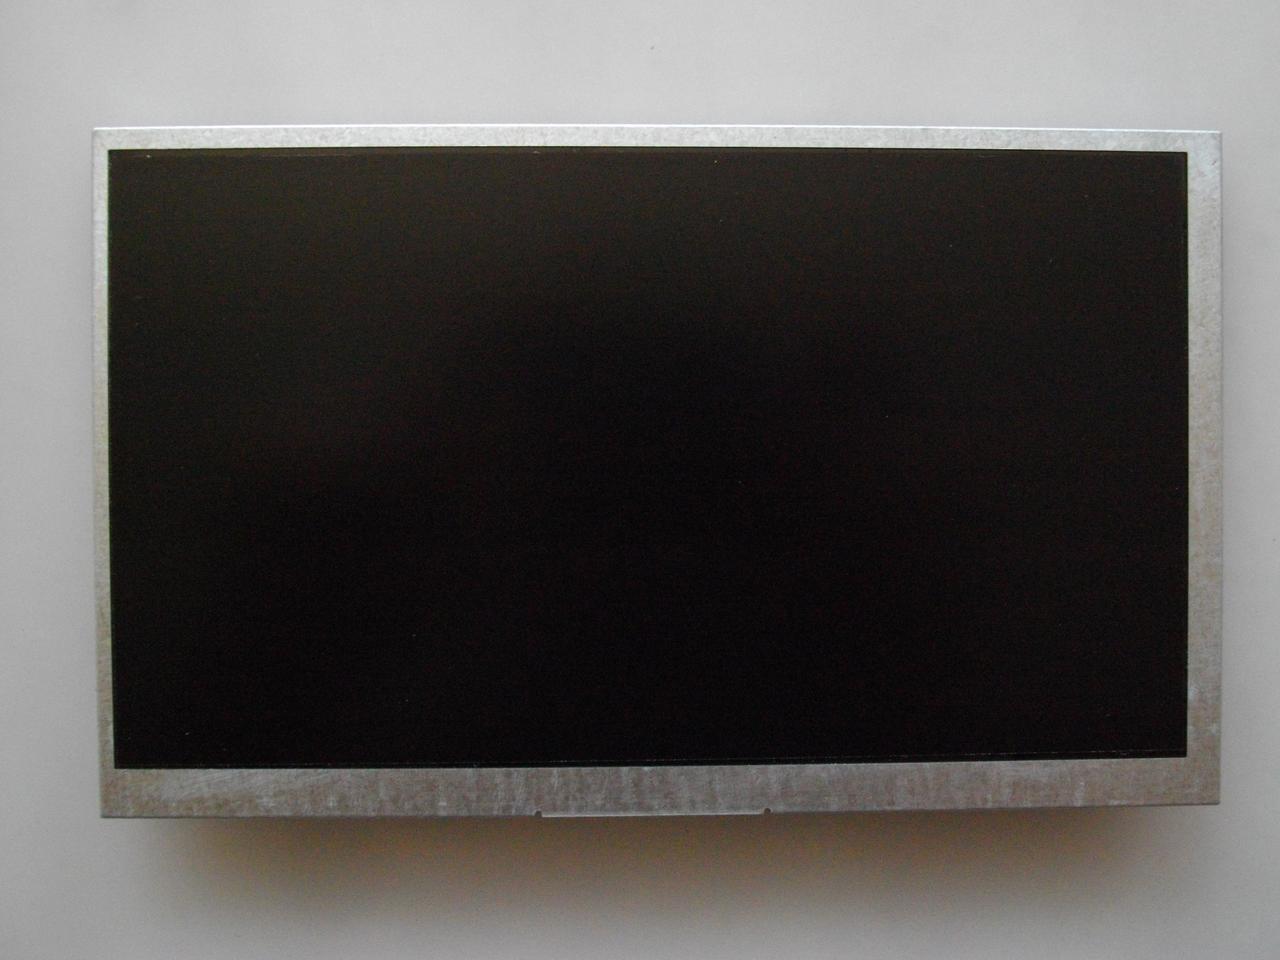 Оригинальный Экран матрица Дисплей для планшета Wexler Tab 7000, 165x100mm, 60pin, 800x480, 773TG700B200001 БУ